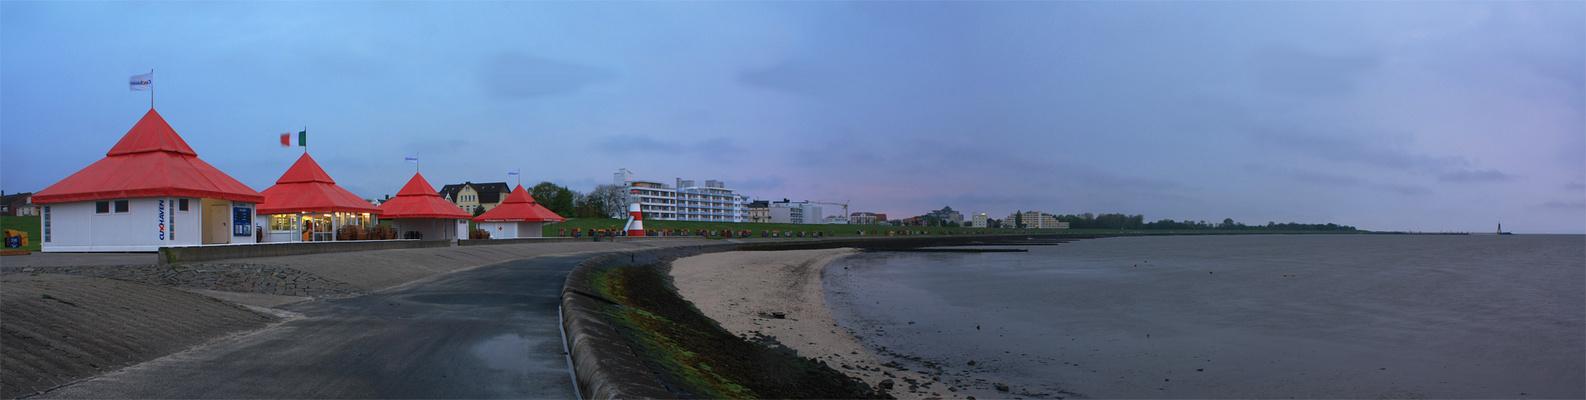 Cuxhaven Grimmershörn